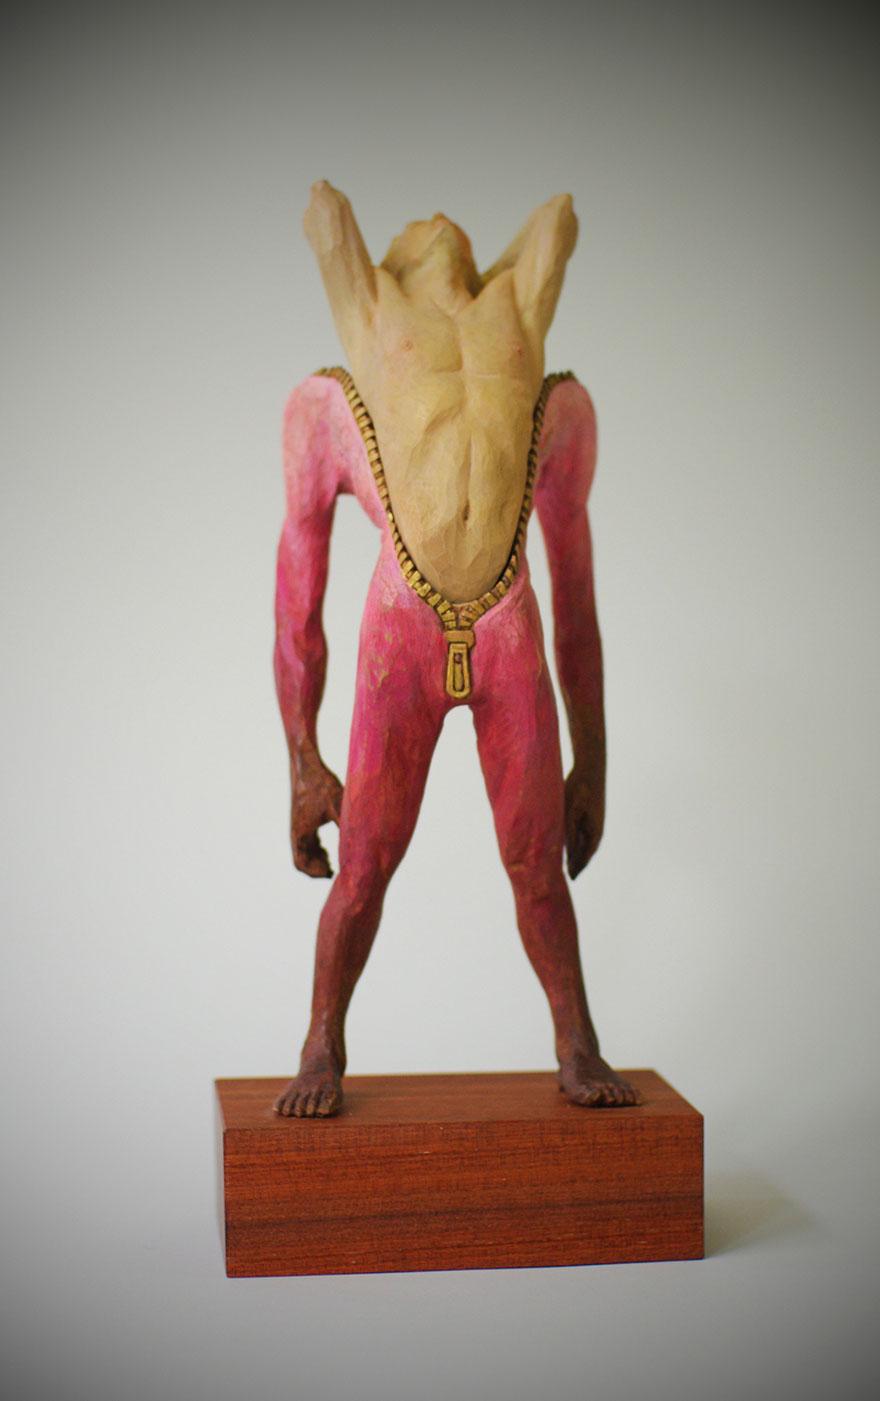 yoshitoshi-kanemaki-sculpture-unzipped